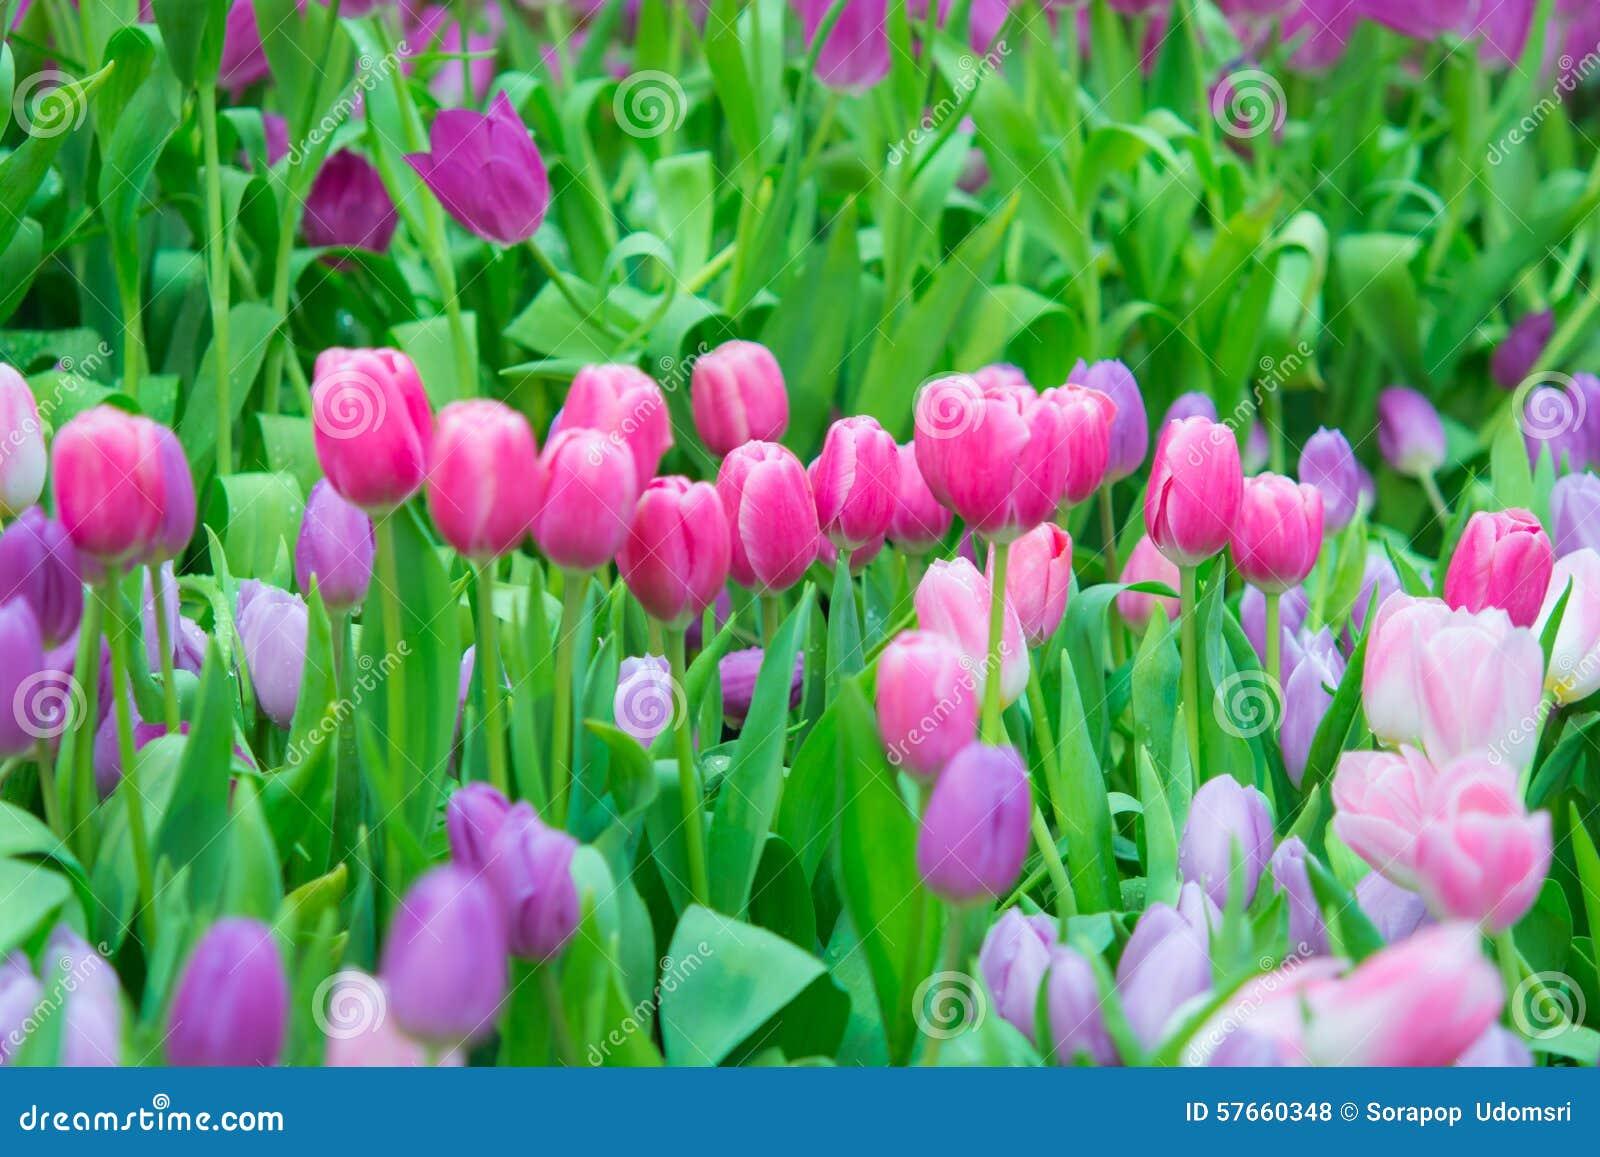 Όμορφο ζωηρόχρωμο λουλούδι τουλιπών